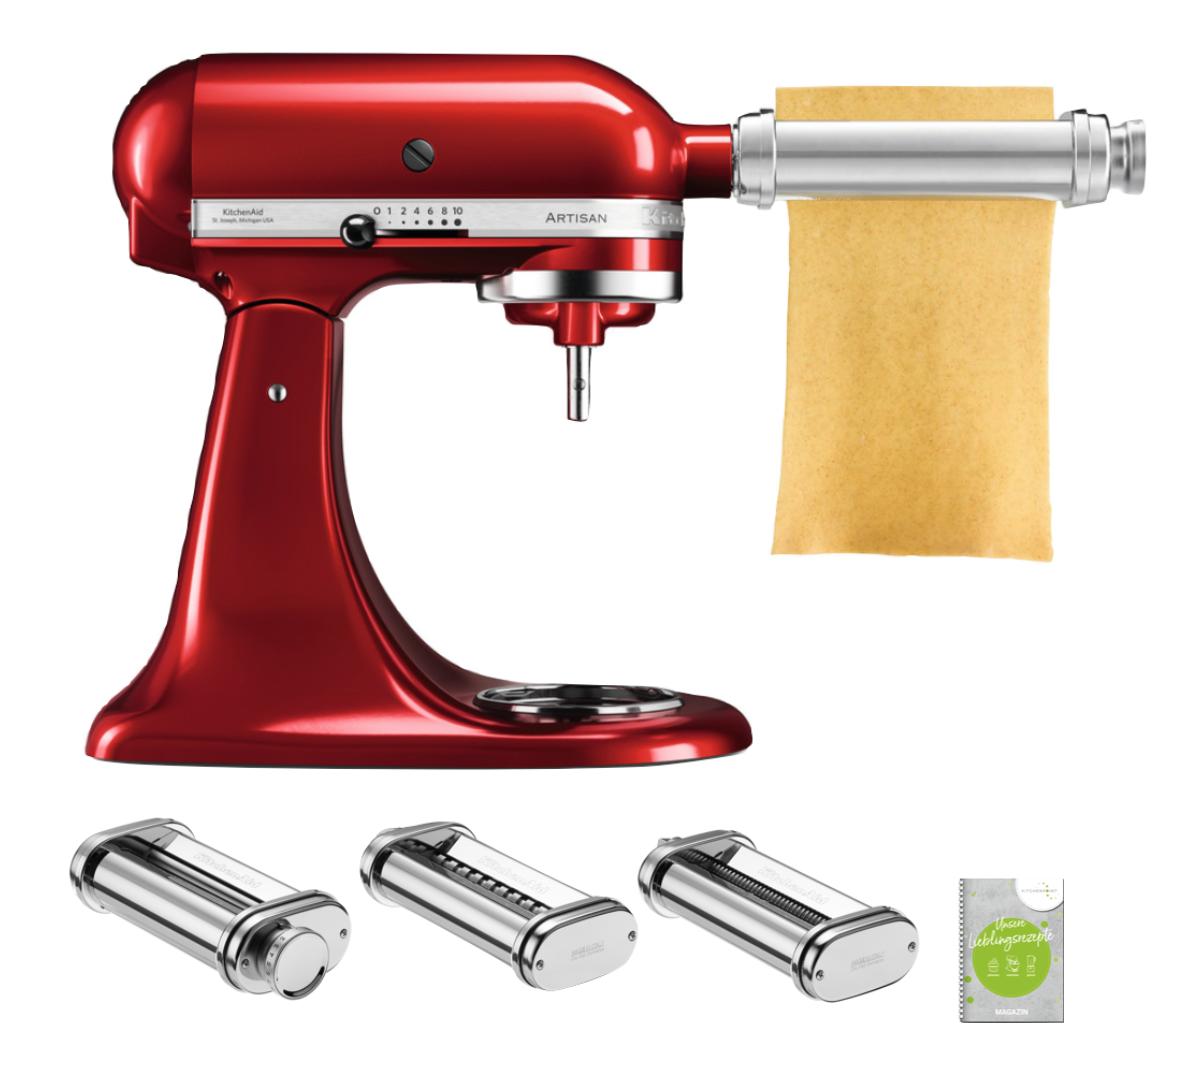 KitchenAid Nudelmaschine 3 tlg.